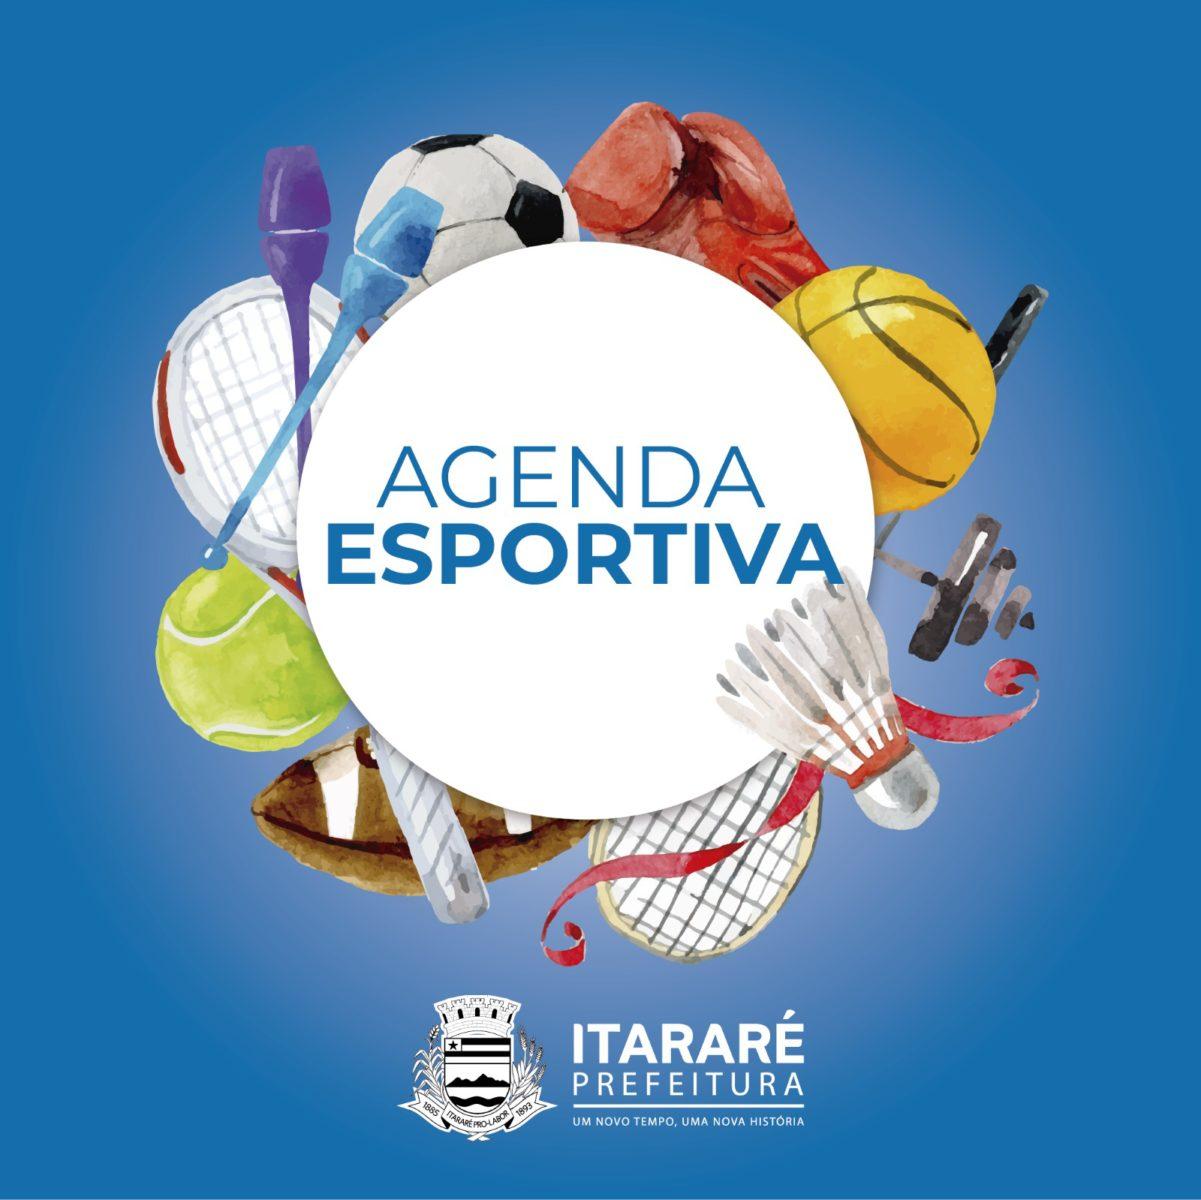 Agenda Esportiva: Final do Campeonato Rural acontece neste domingo (24) em Itararé (SP)